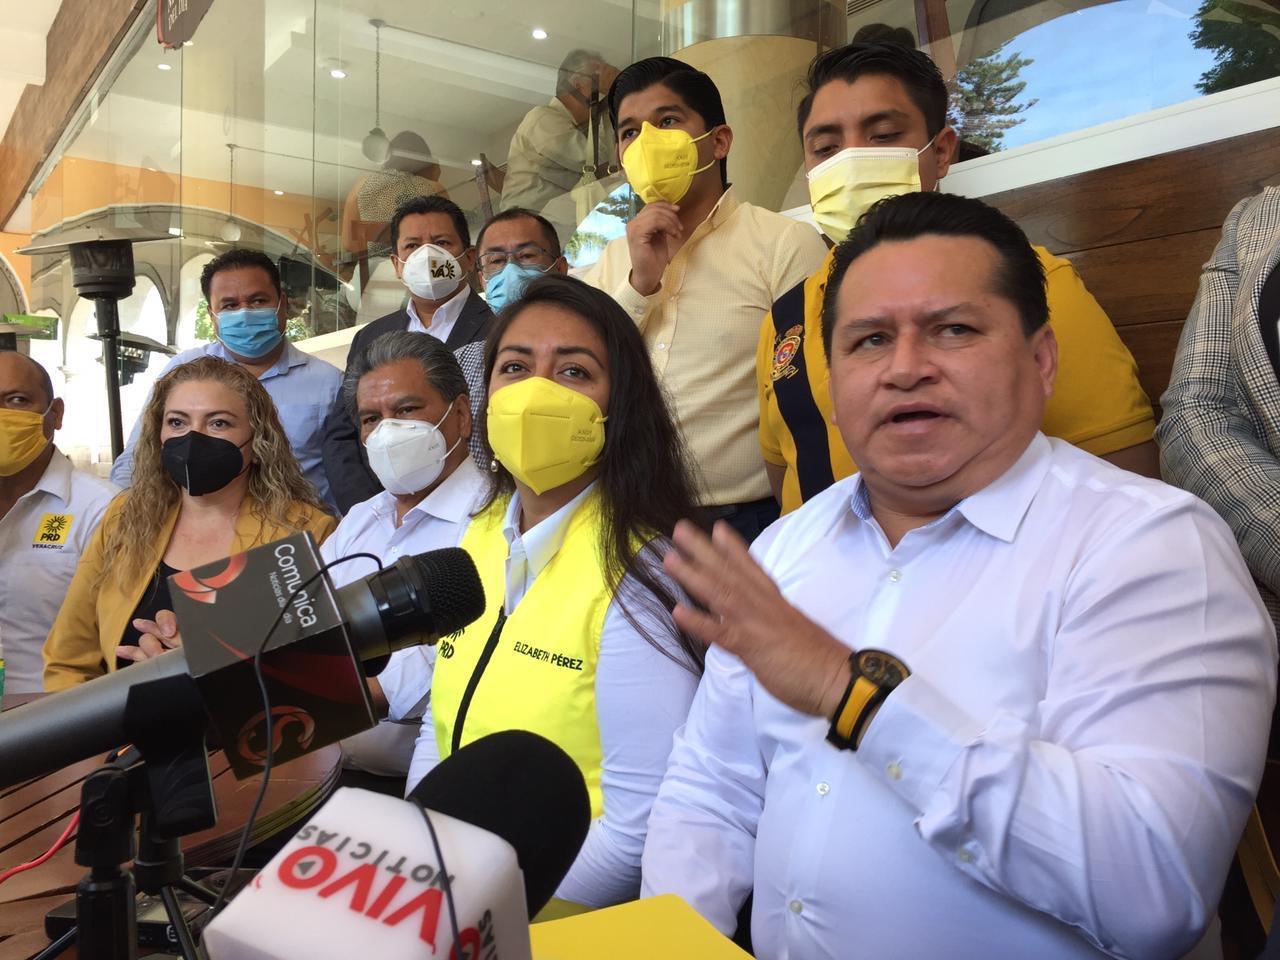 Ante indefinición de alianza para Xalapa, PRD propone encuesta para sacar a candidato de unidad